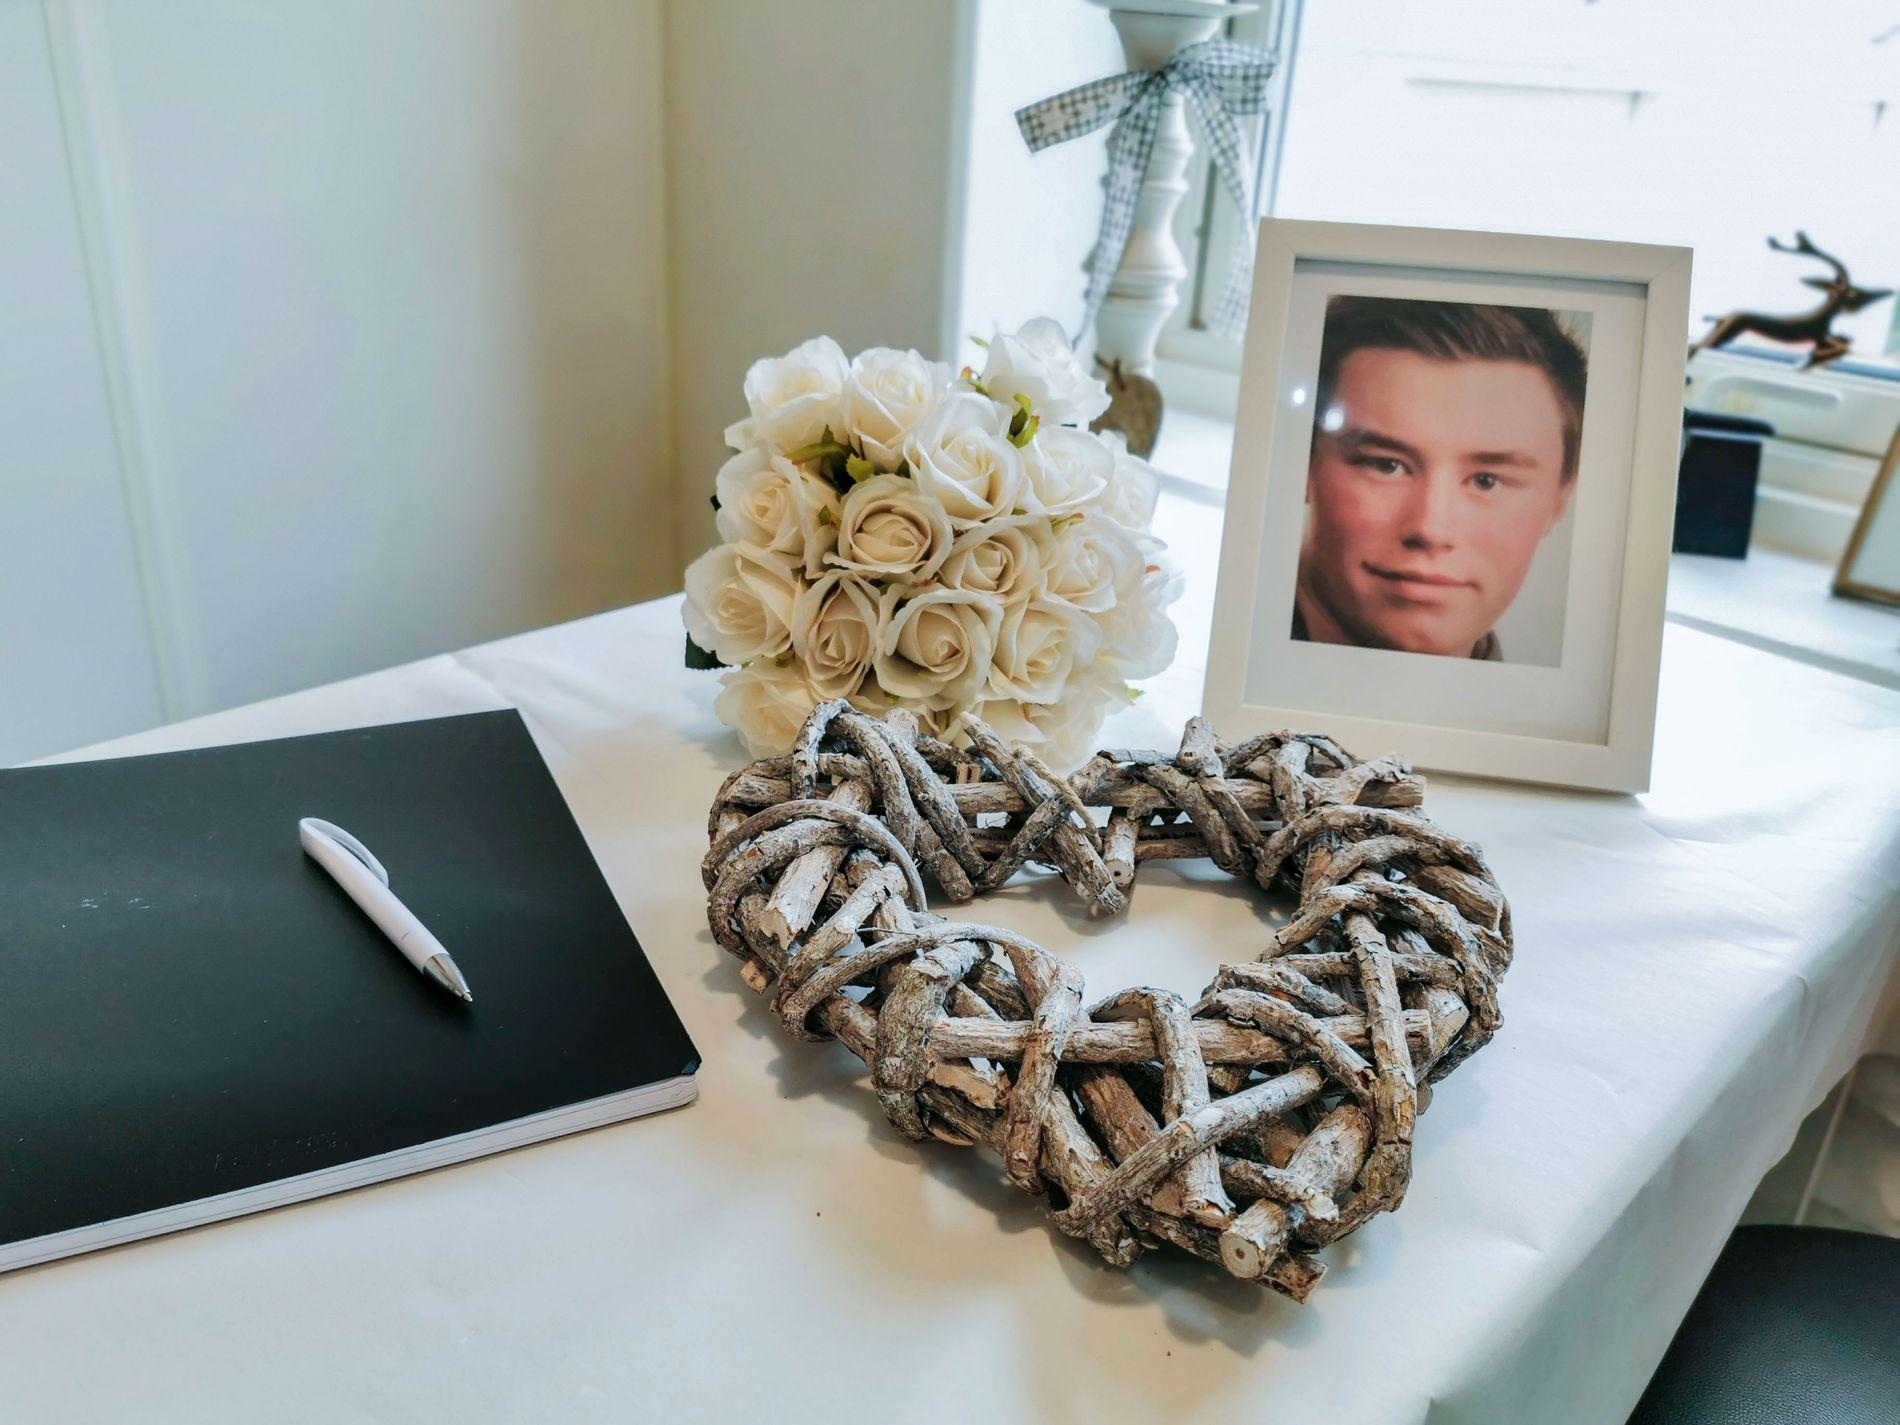 SAVN: Kollegene minnes Robin Karlsen (20) som en fantastisk ung mann.